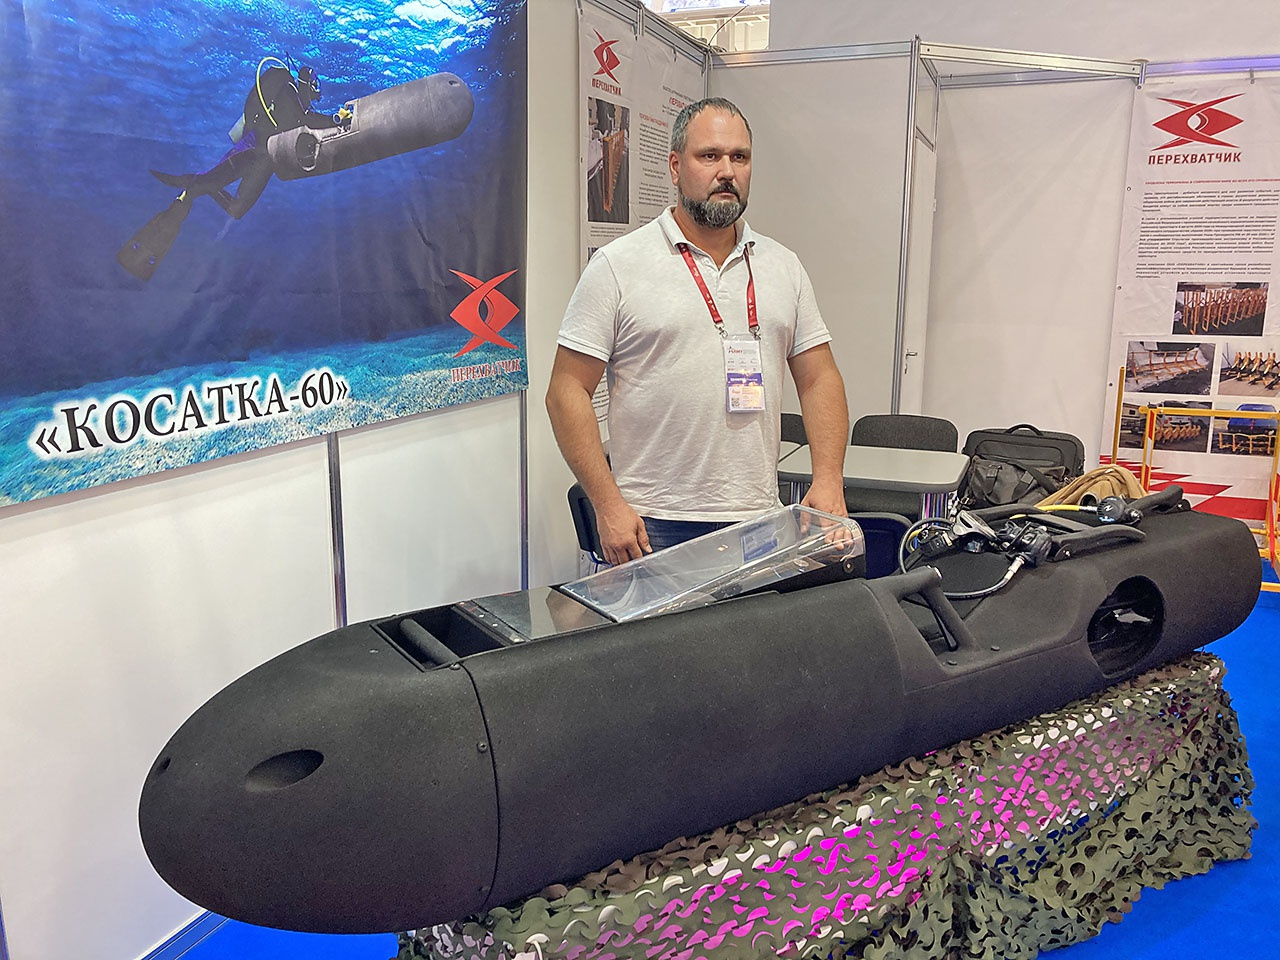 Генеральный директор и главный конструктор Андрей Астахов у макета «Косатки-60».